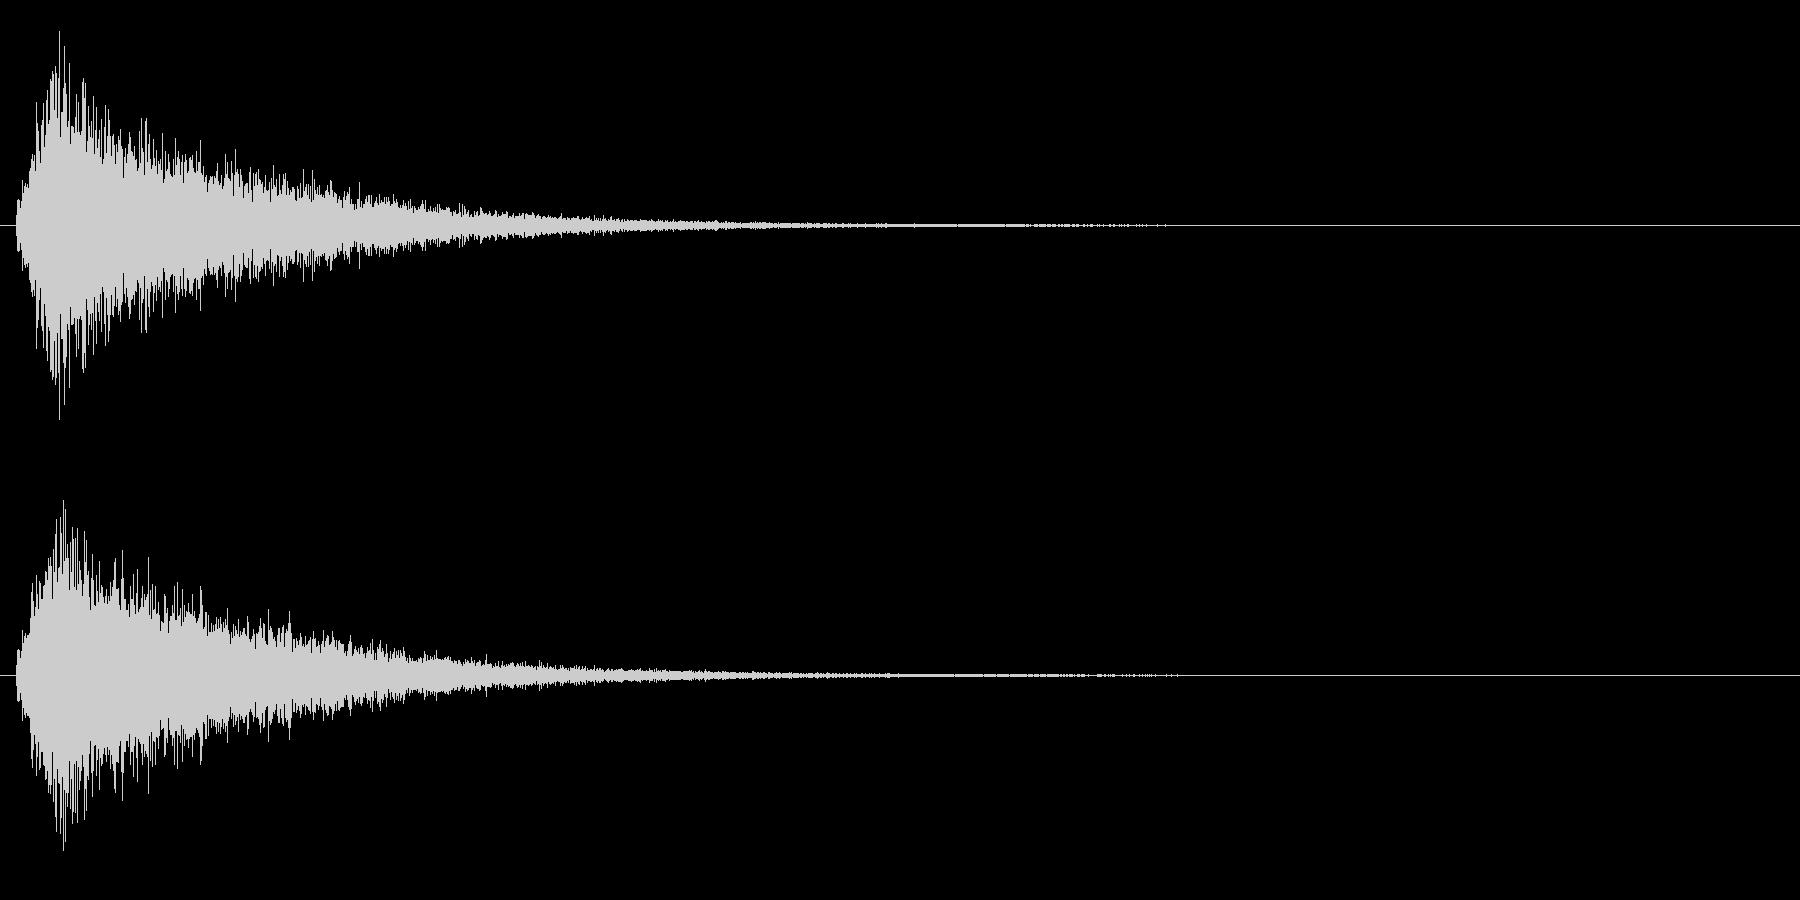 サーッ+シューン(消え去る/消滅)の未再生の波形